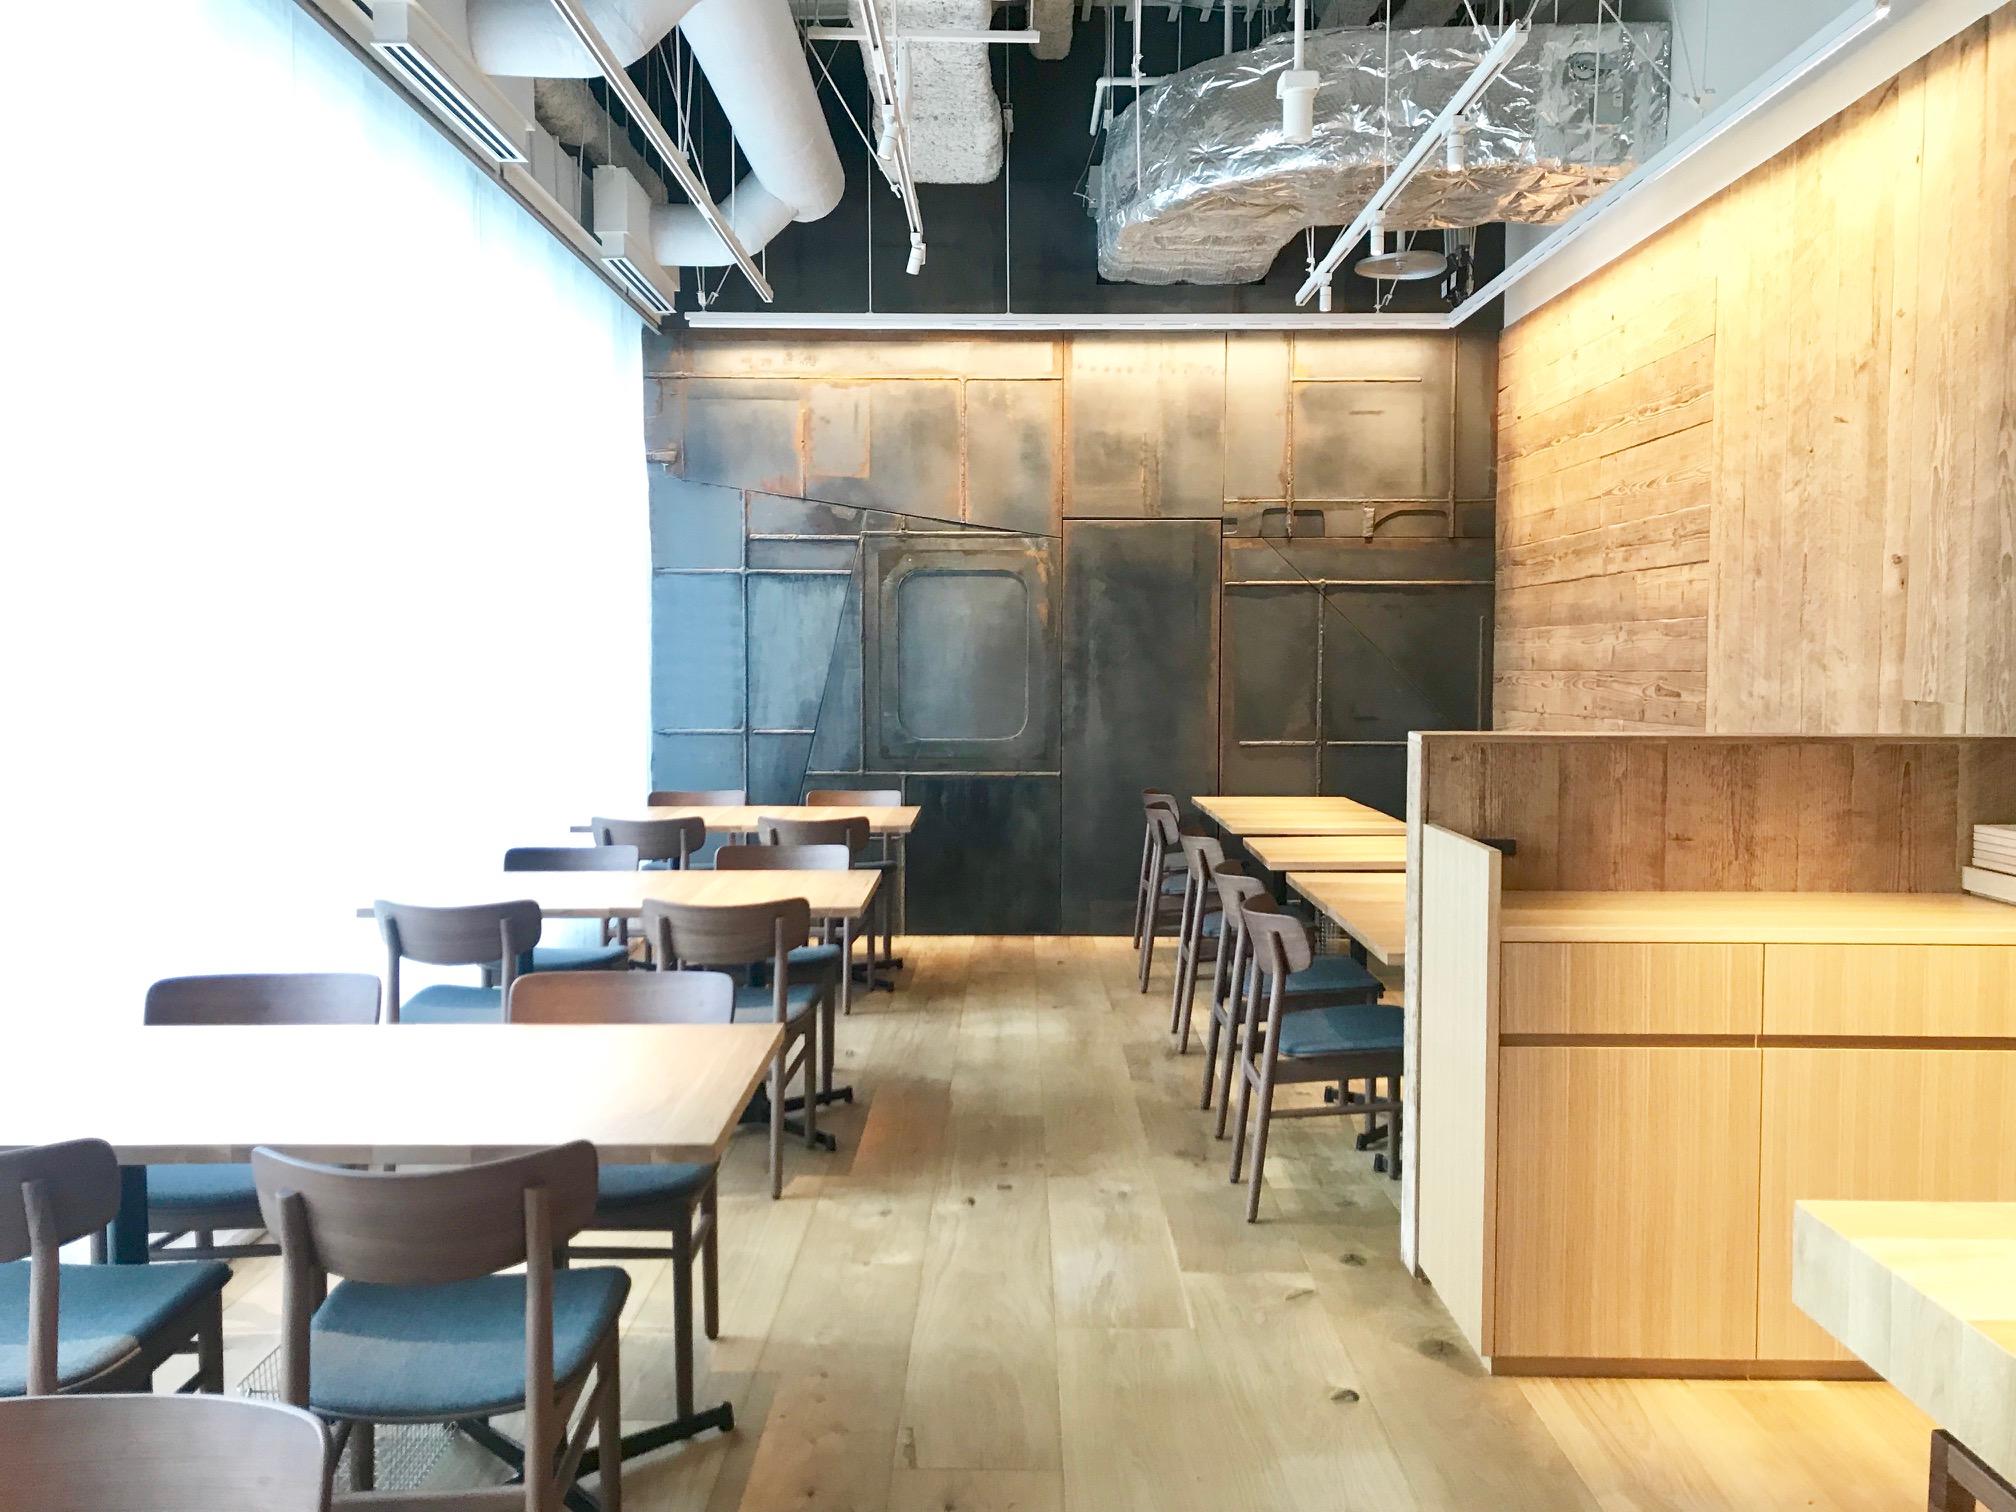 「無印良品 銀座」特集 - 無印良品の旗艦店OPEN!日本初のホテルやレストラン、限定商品まとめ_50